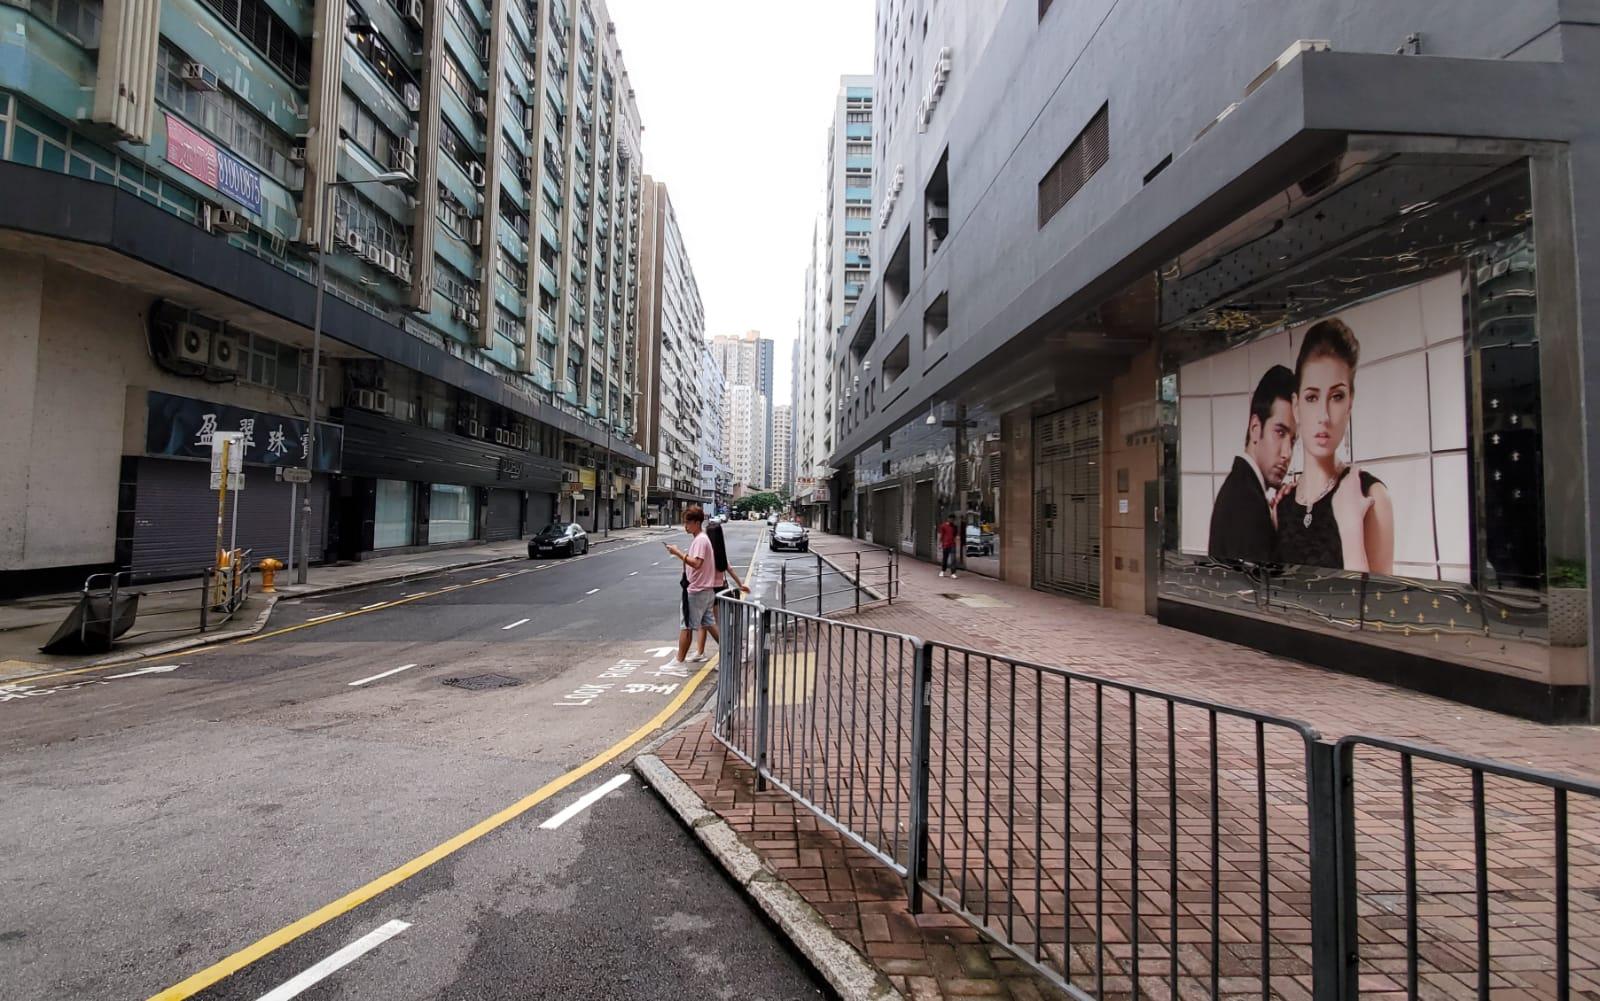 較早時內地旅行團經常出現的民樂街未見有遊客蹤影。